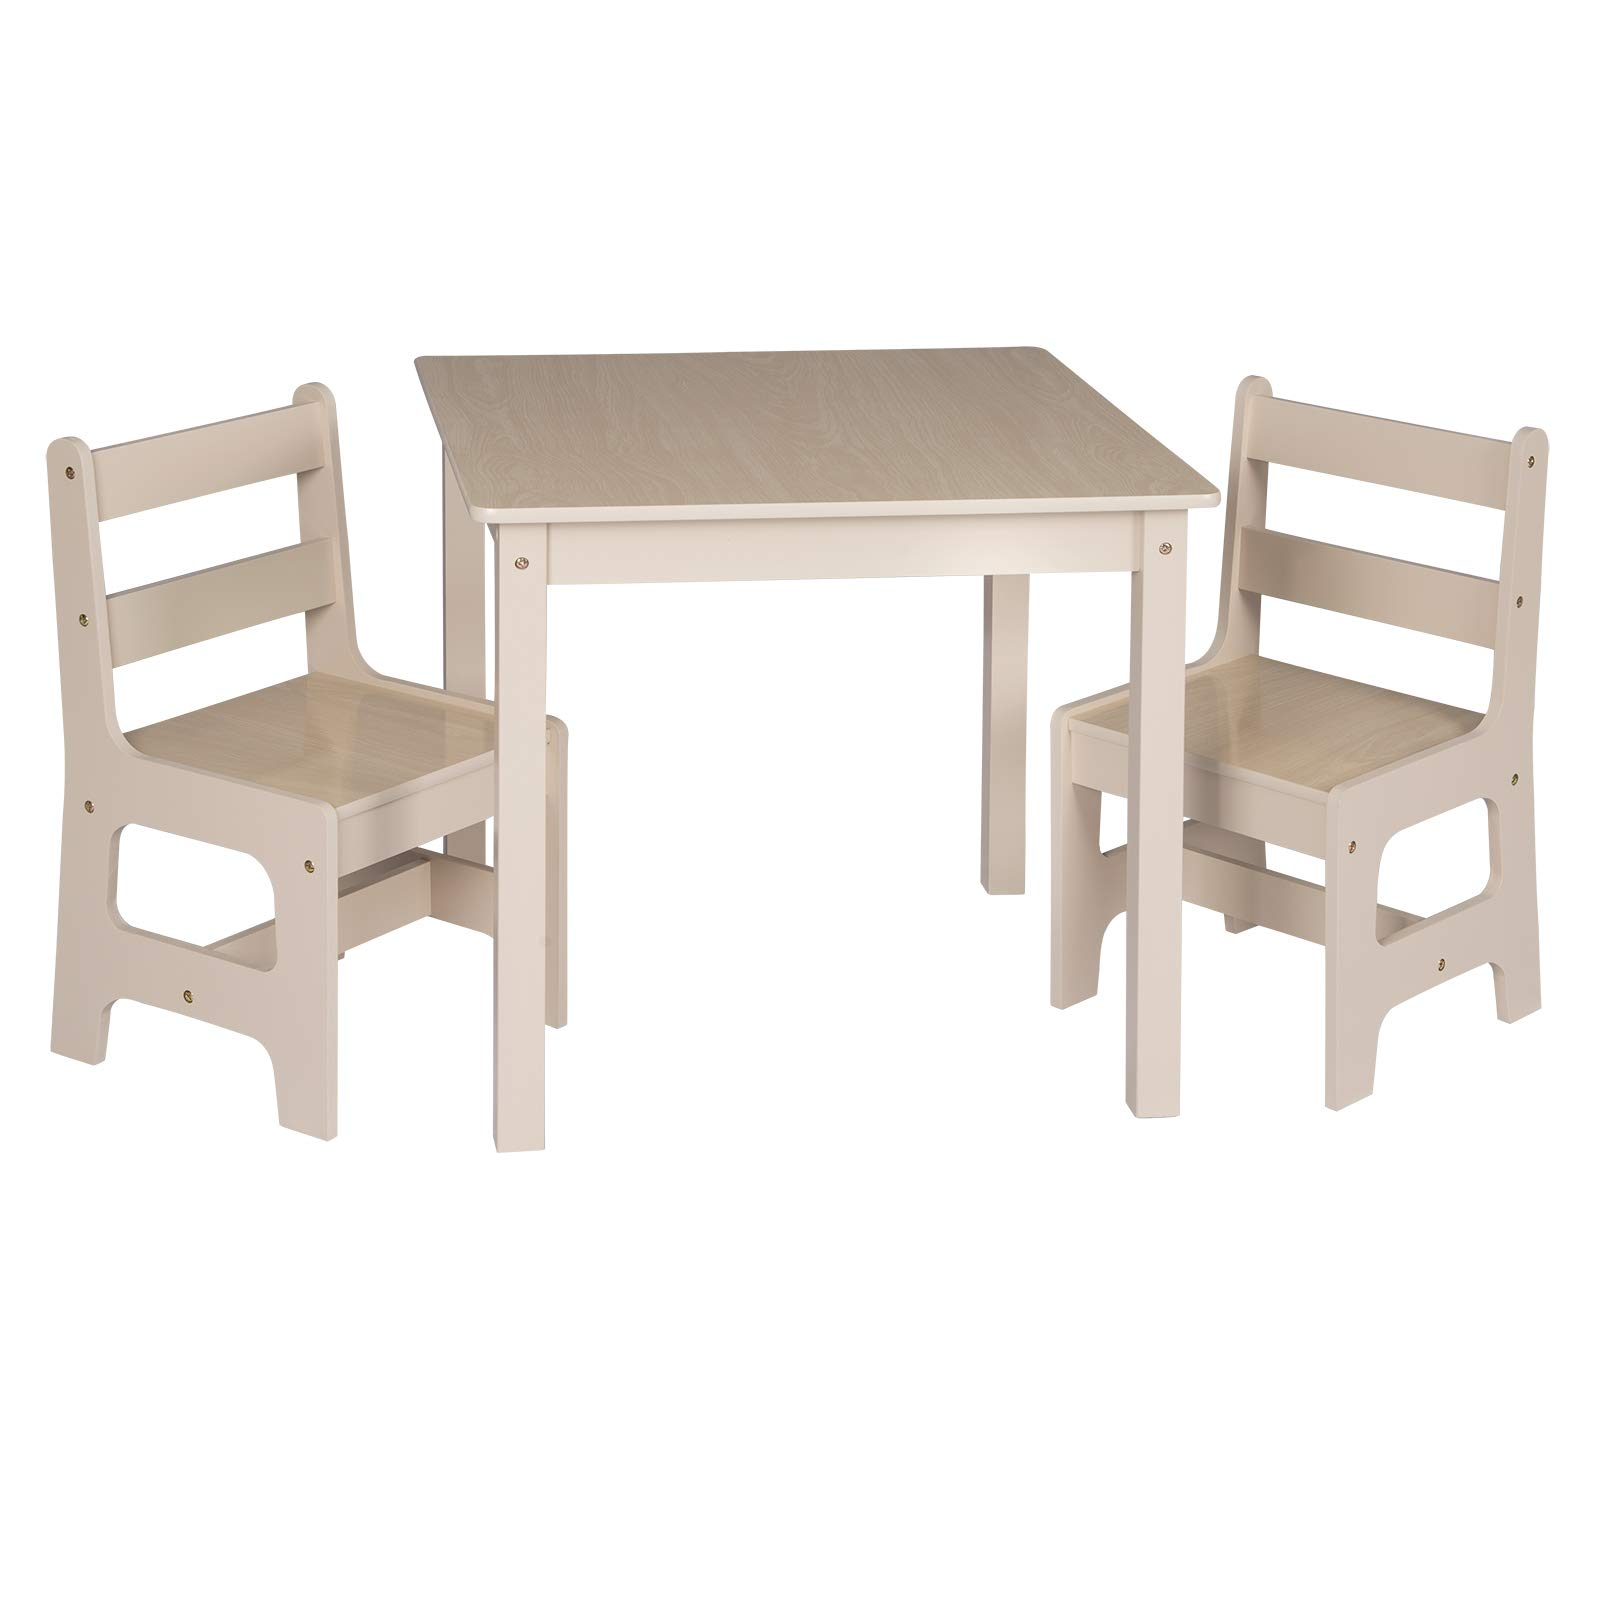 Tavoli E Sedie In Legno.Woltu Sg001 Tavolo E Sedie Per Bambini Soggiorno Tavolino Con 2 Sgabelli Set Mobili In Legno